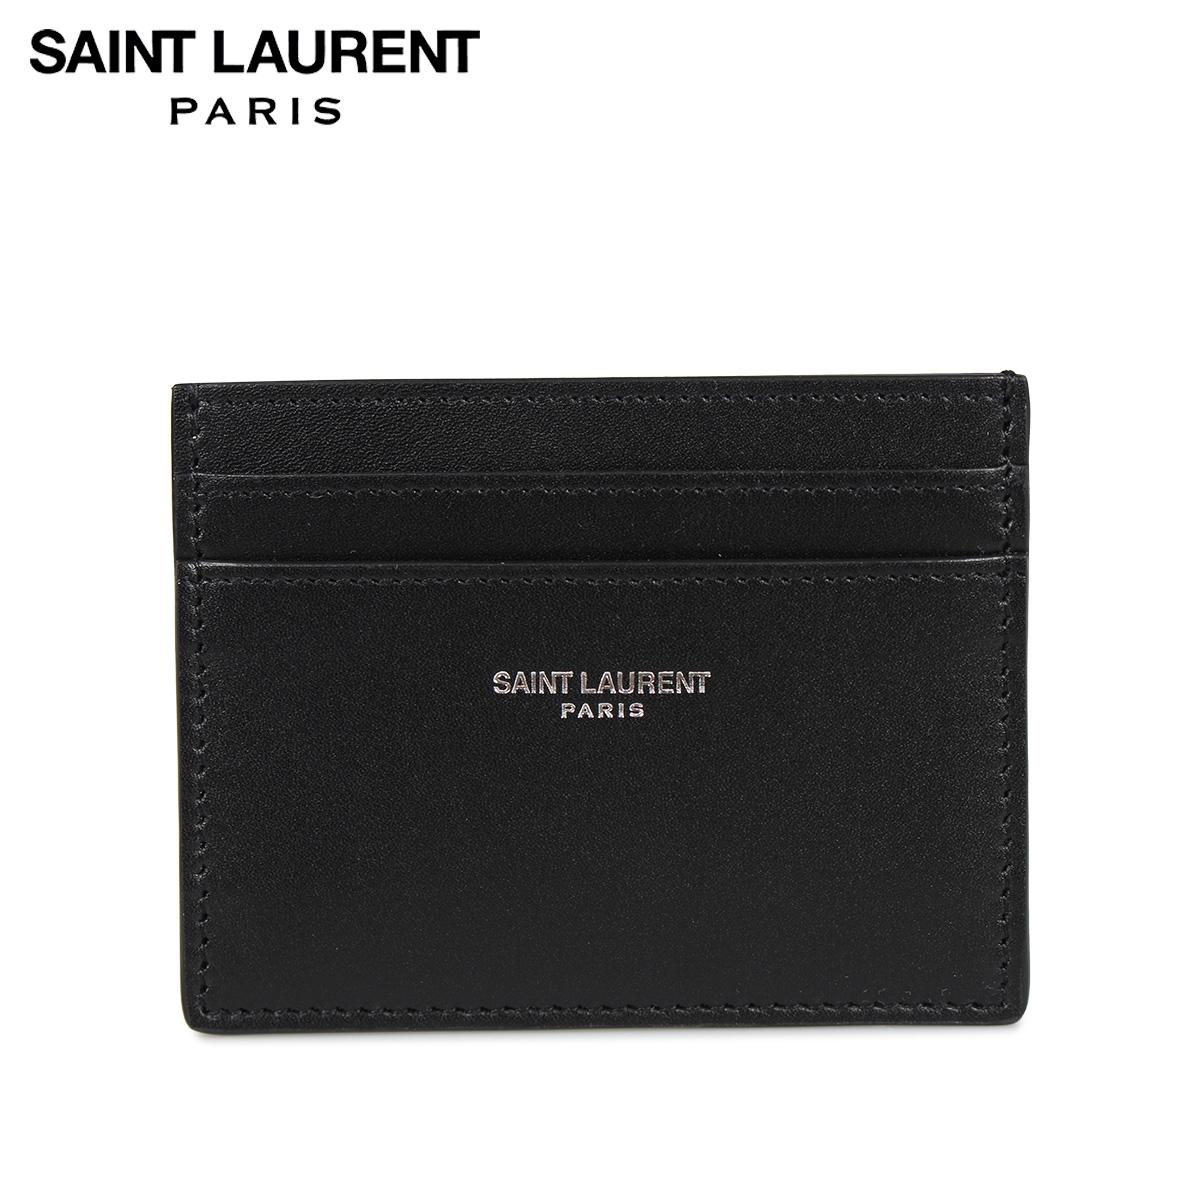 SAINT LAURENT PARIS YSL CREDIT CARD CASE サンローラン パリ パスケース カードケース ID 定期入れ メンズ 本革 ブラック 黒 3759460U90N